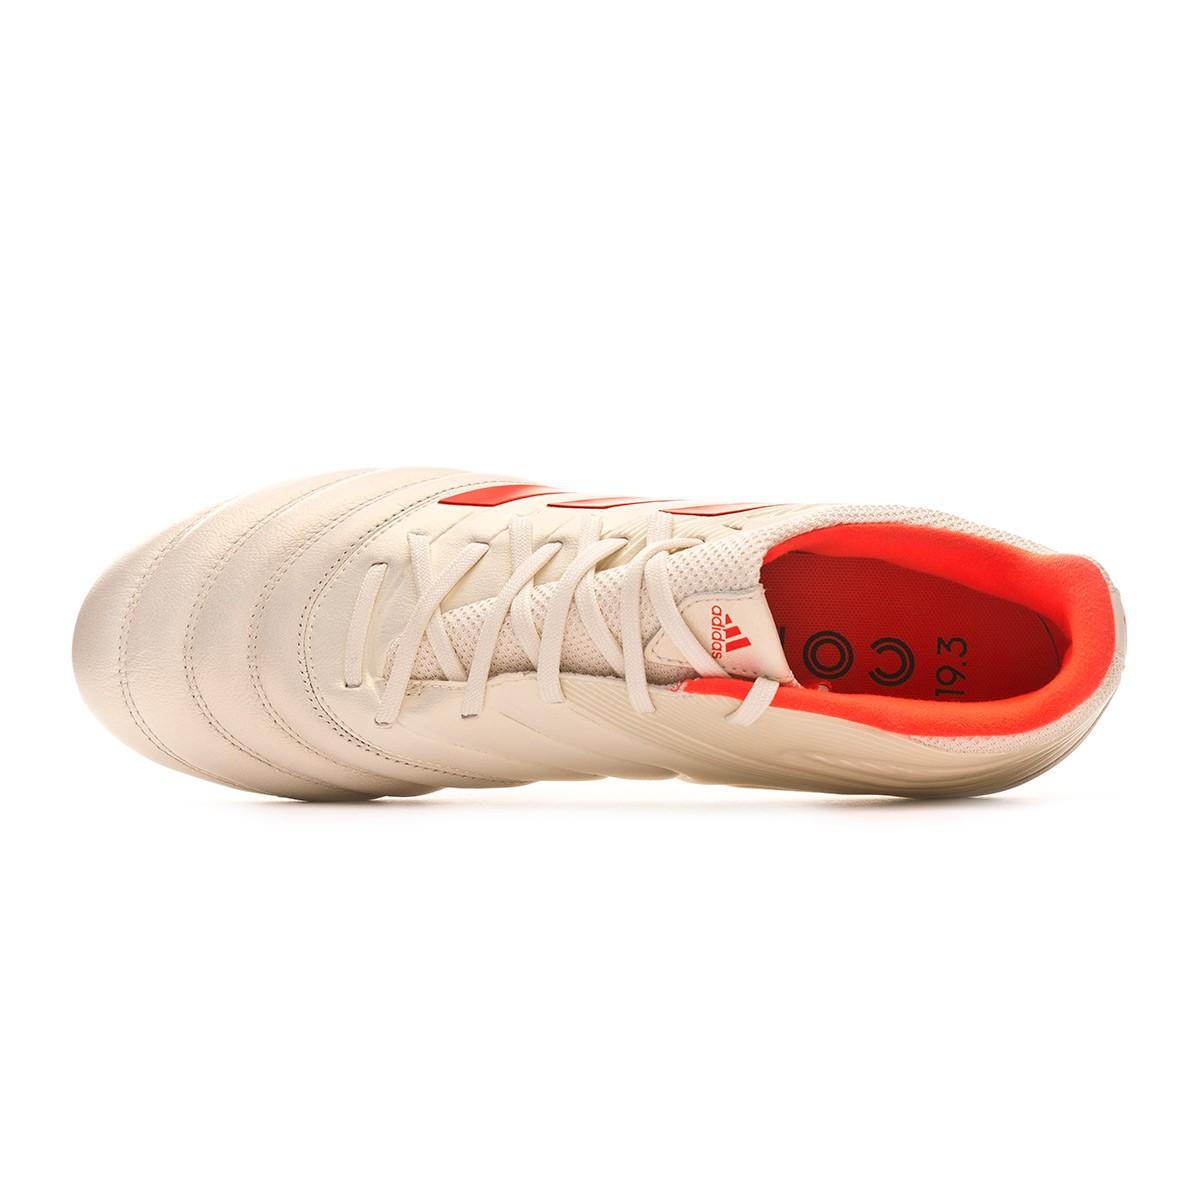 buy popular 3af74 74533 Zapatos de fútbol adidas Copa 19.3 SG Off white-Solar red-Core black -  Soloporteros es ahora Fútbol Emotion